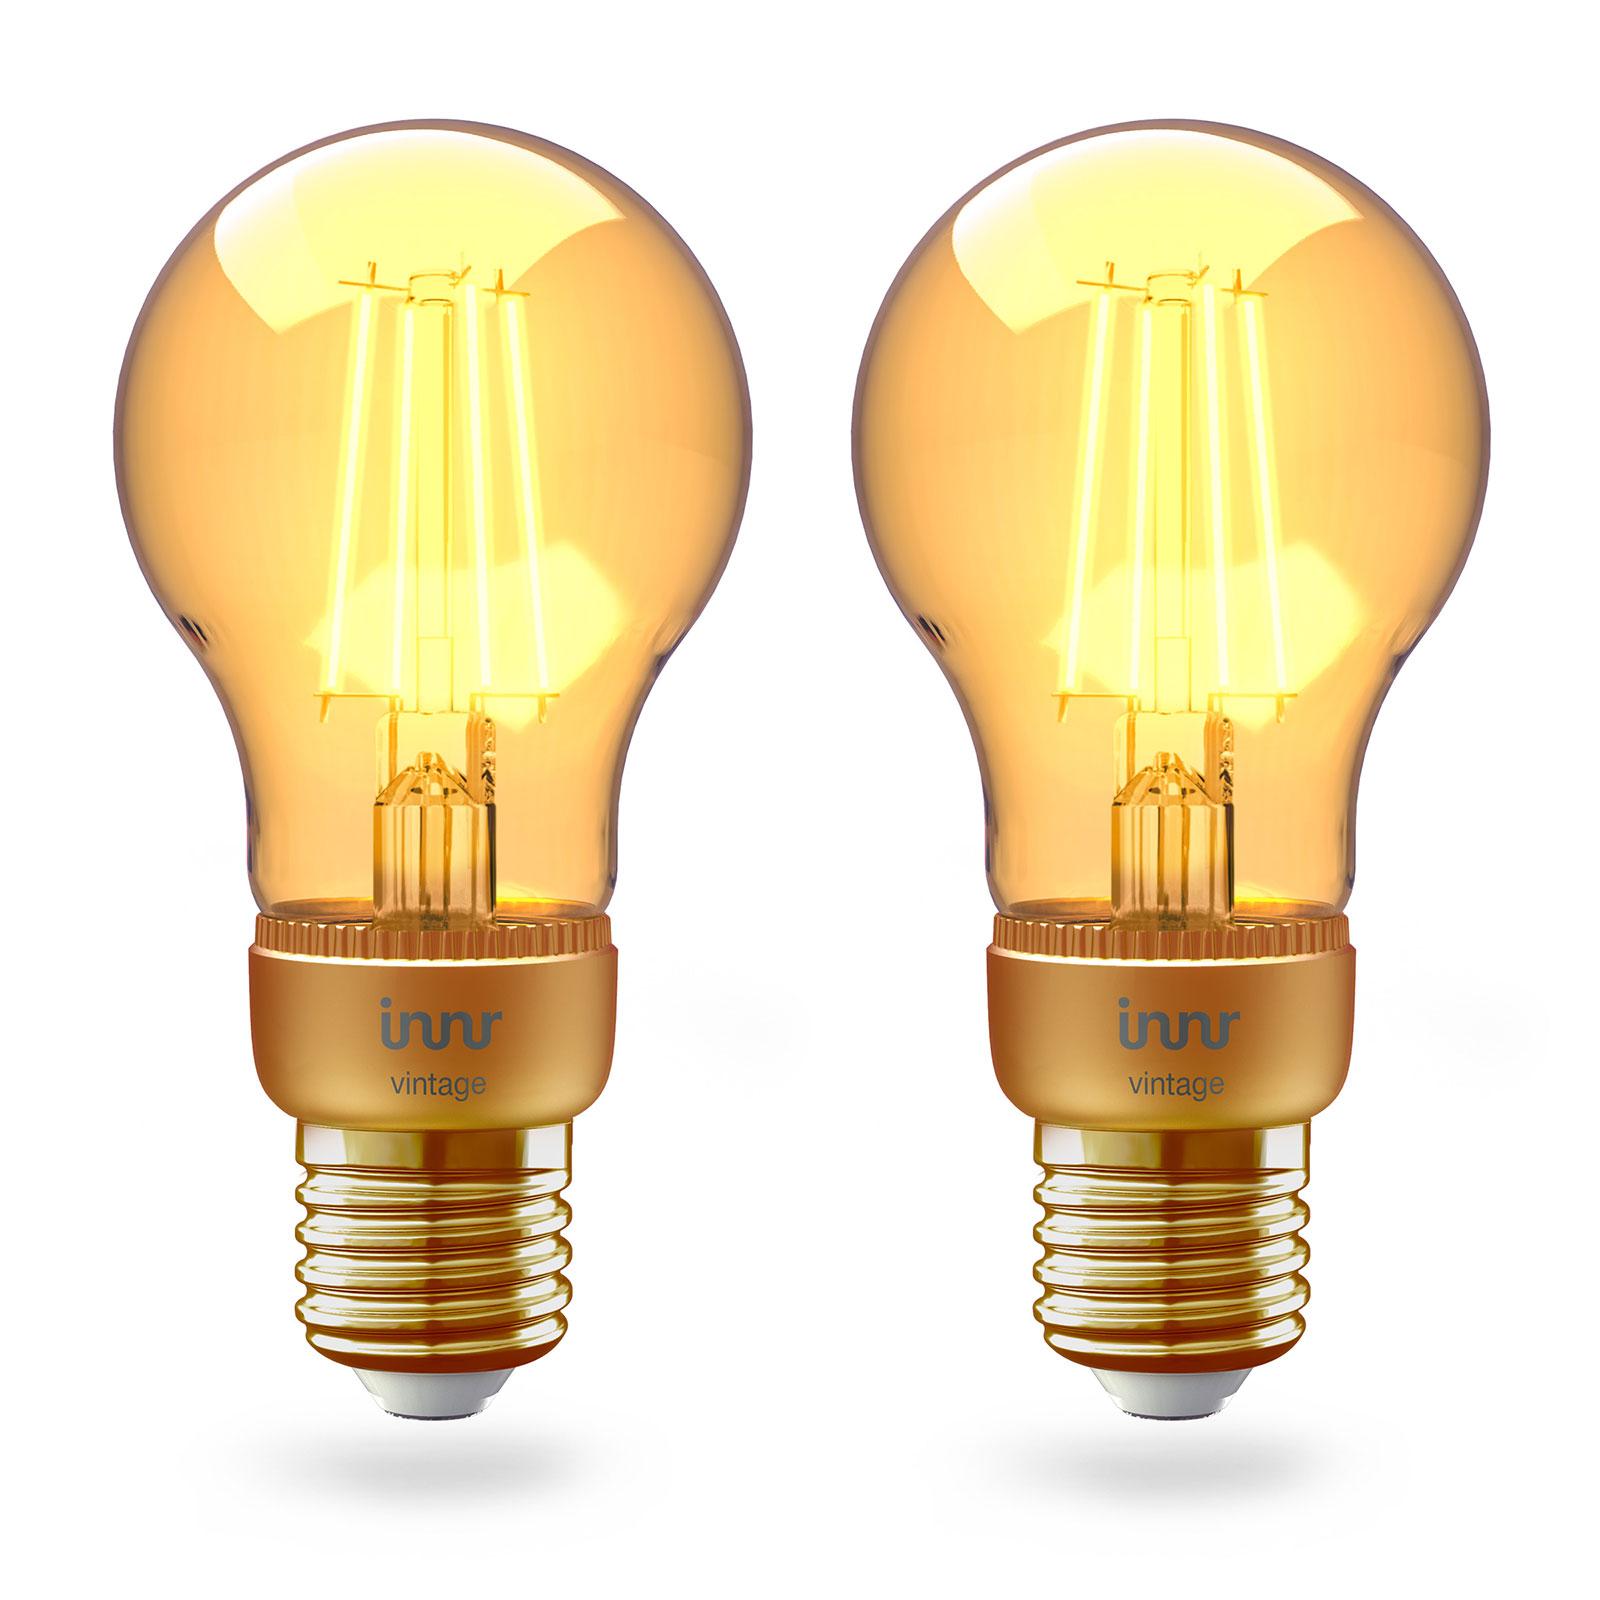 Innr LED E27 4,2W Smart filament varmhvit gull 2er